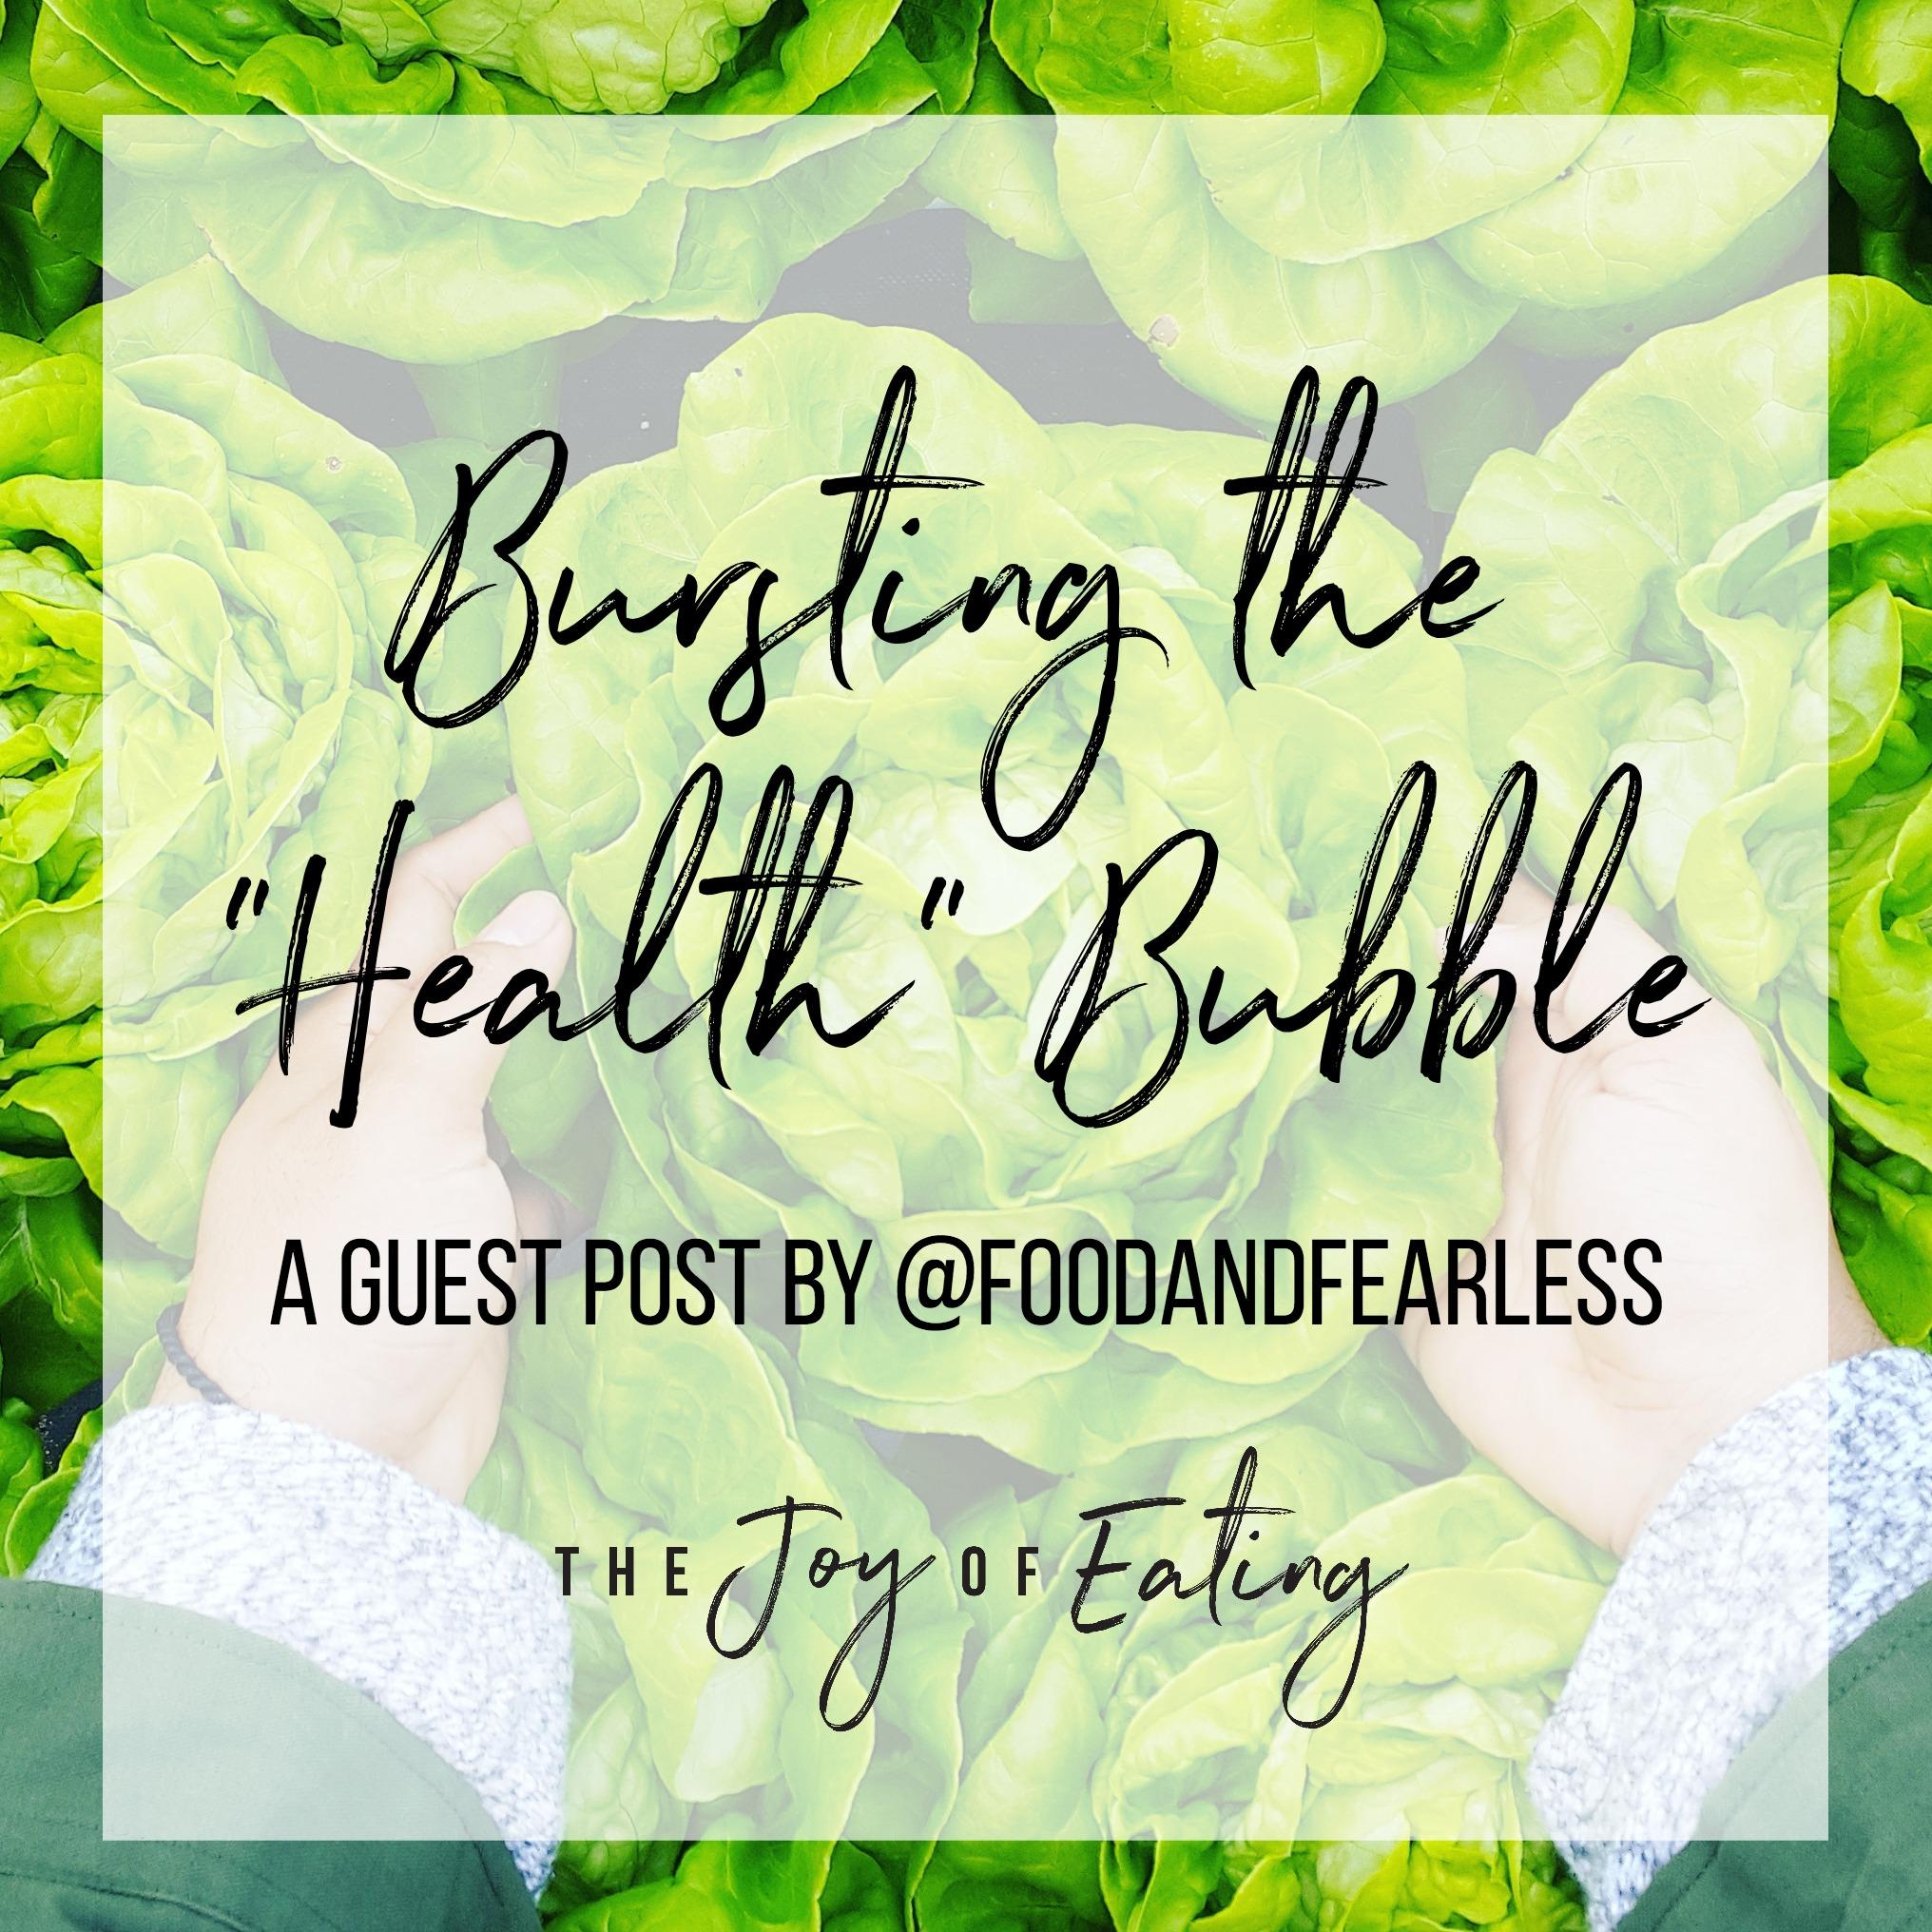 为什么要为我们的健康食品健康而闻名,因为健康的营养,而营养不良的营养,而为我们的健康而闻名#